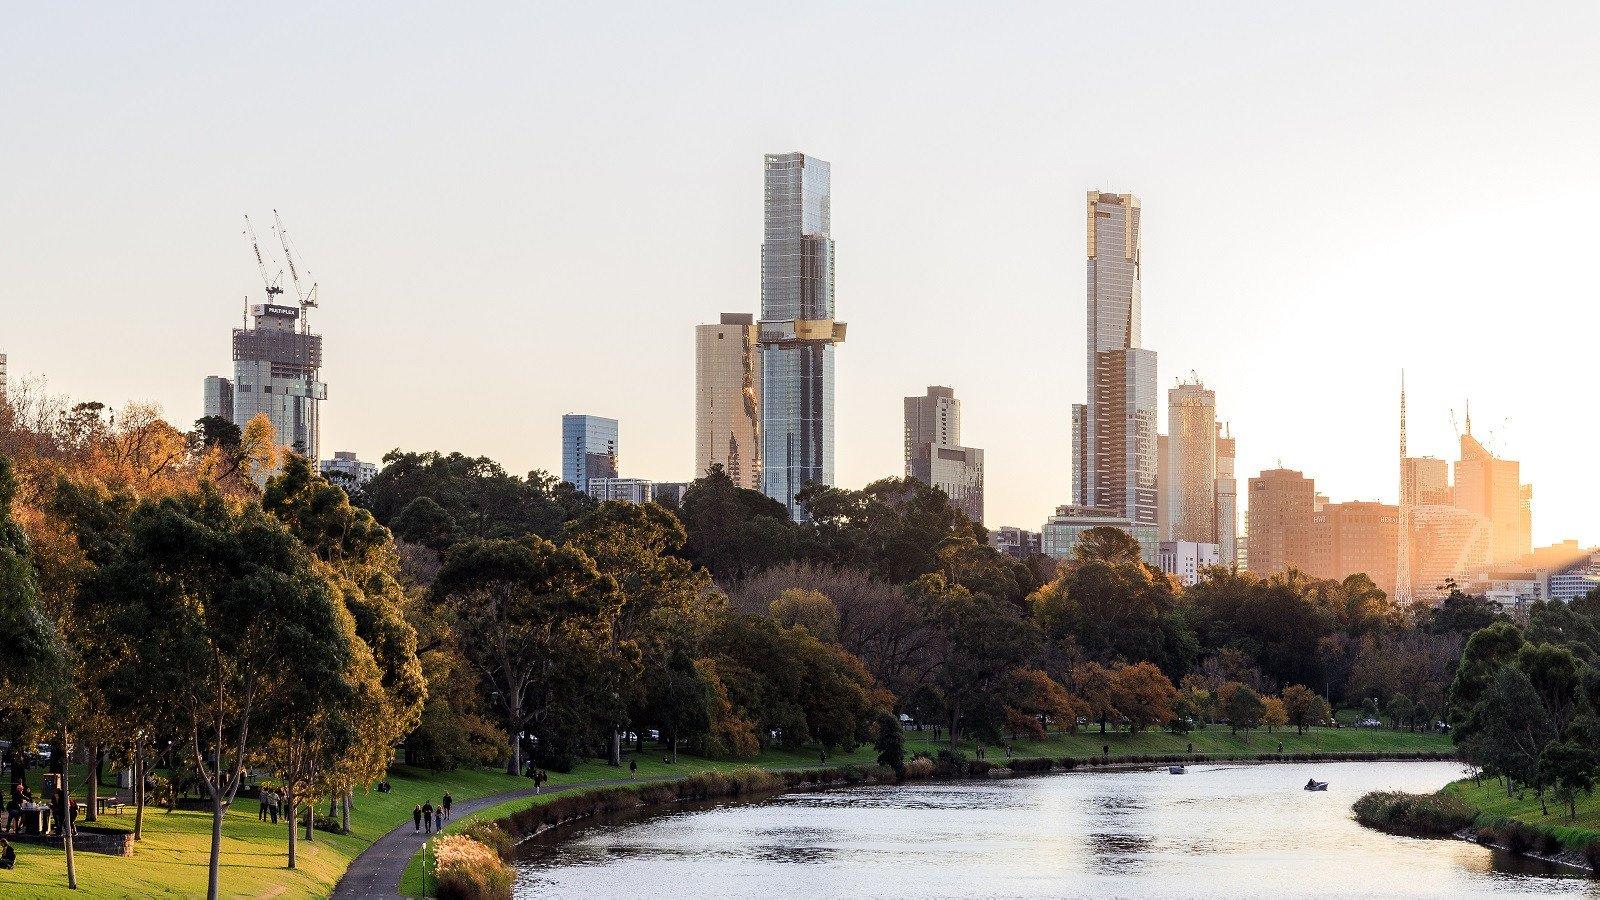 Australia 108 - Sky Rise-image-4